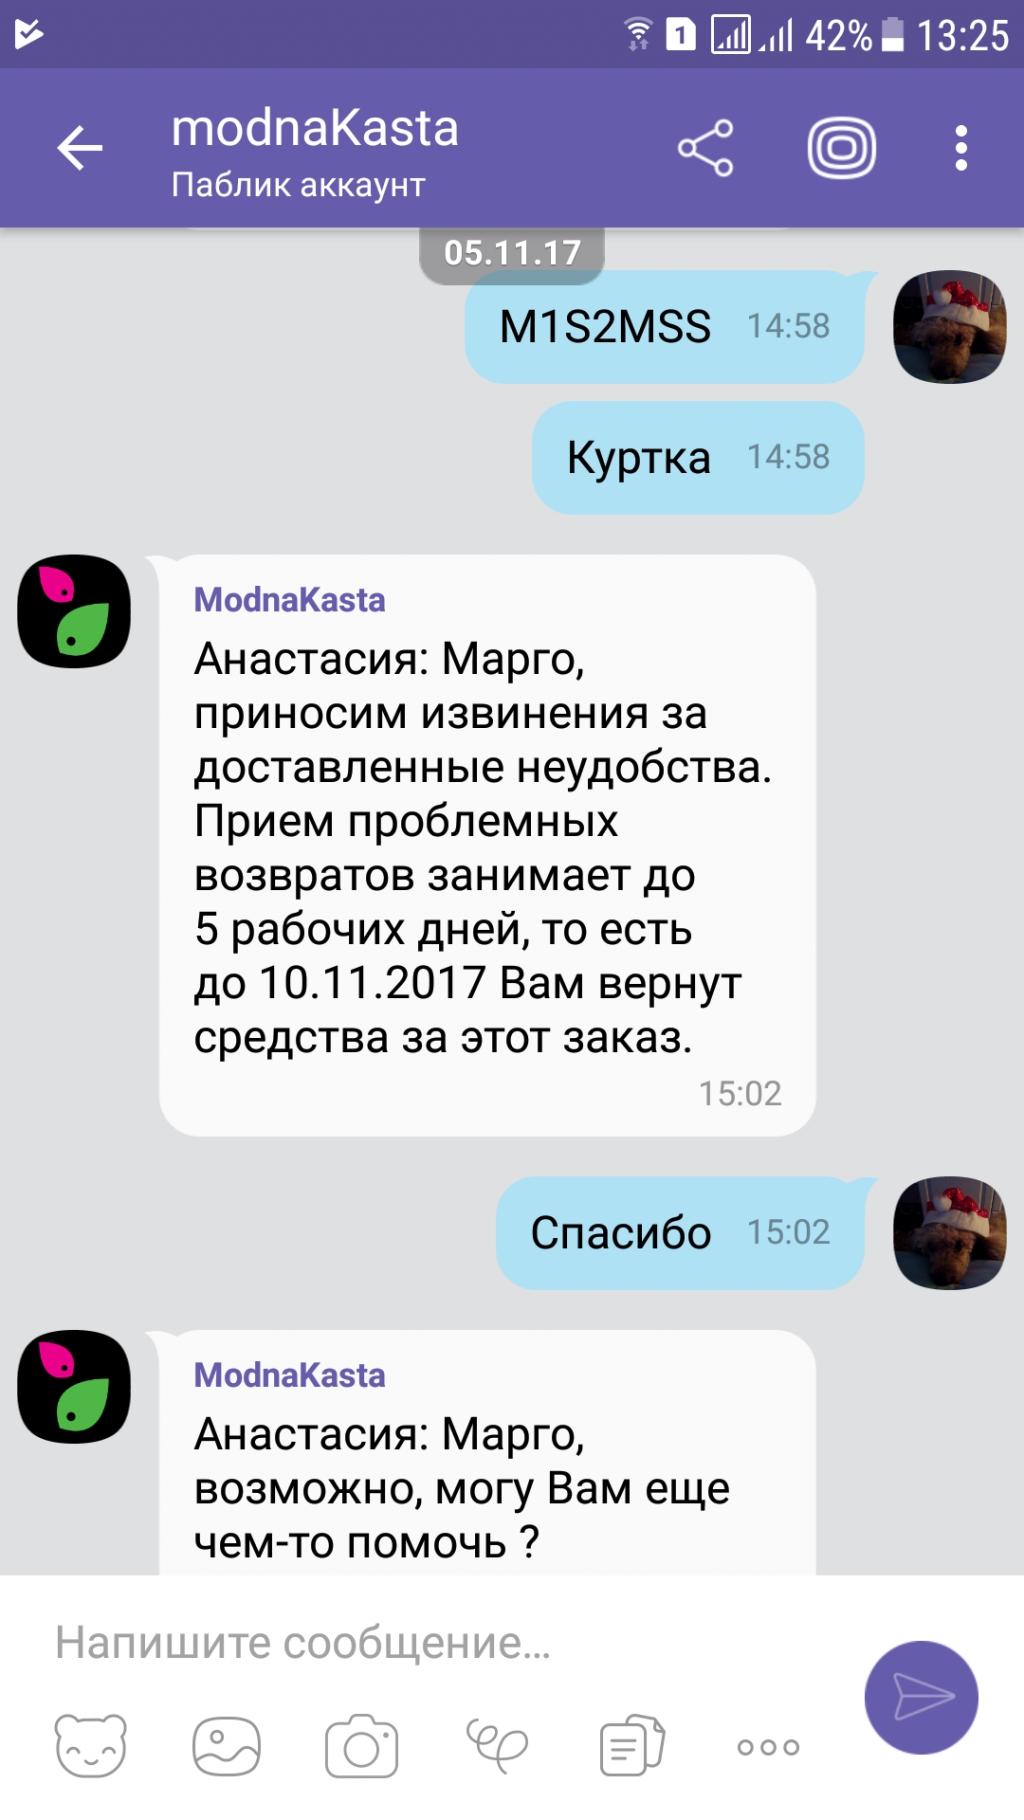 modnaKasta - Модна каста не возвращает деньги за бракованный товар!